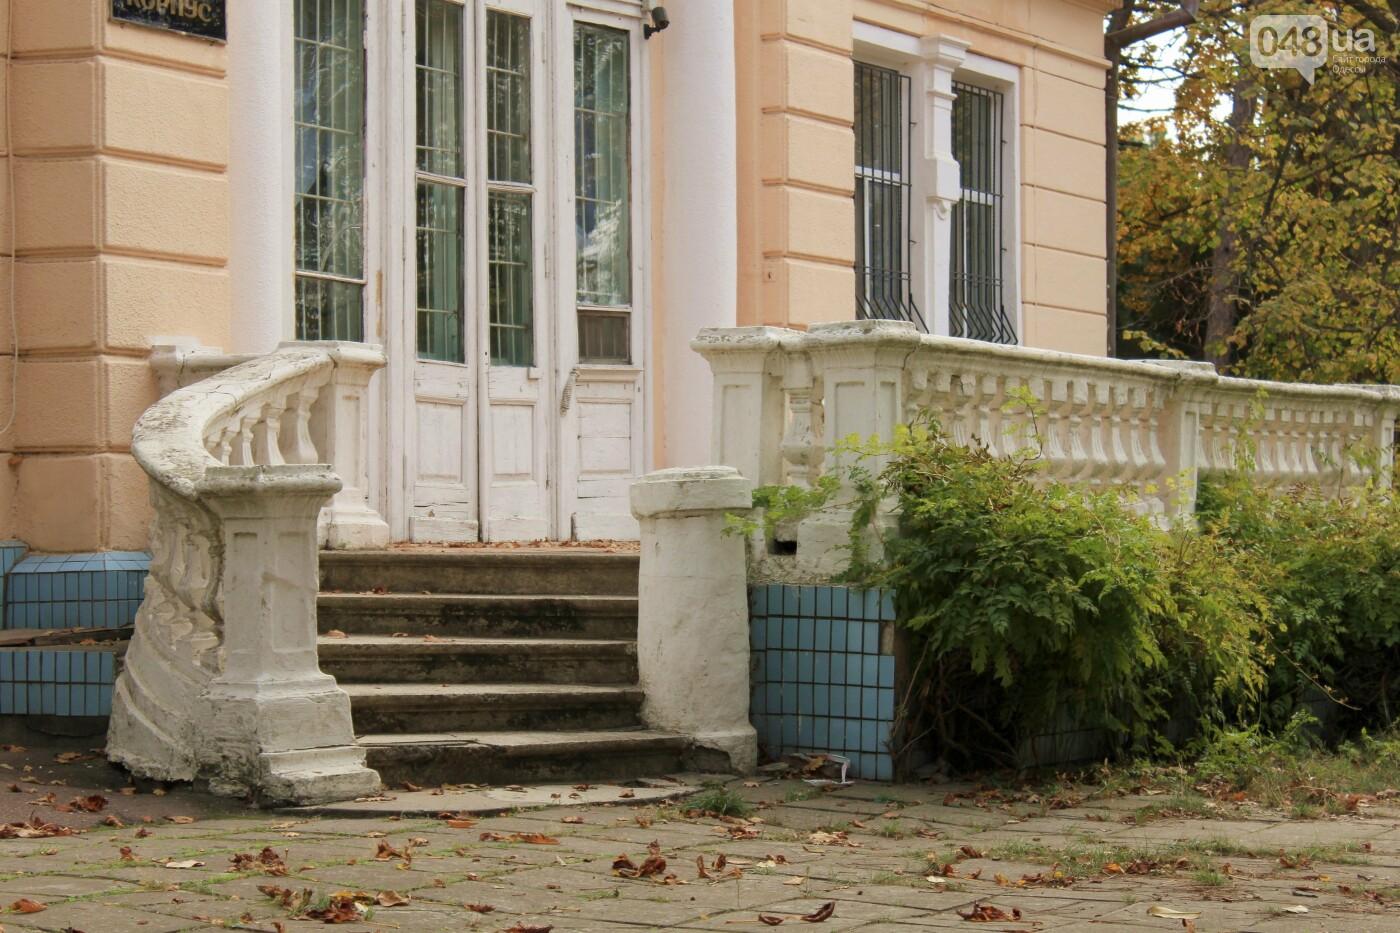 Архитектура, Автор: Зиньковский Владислав